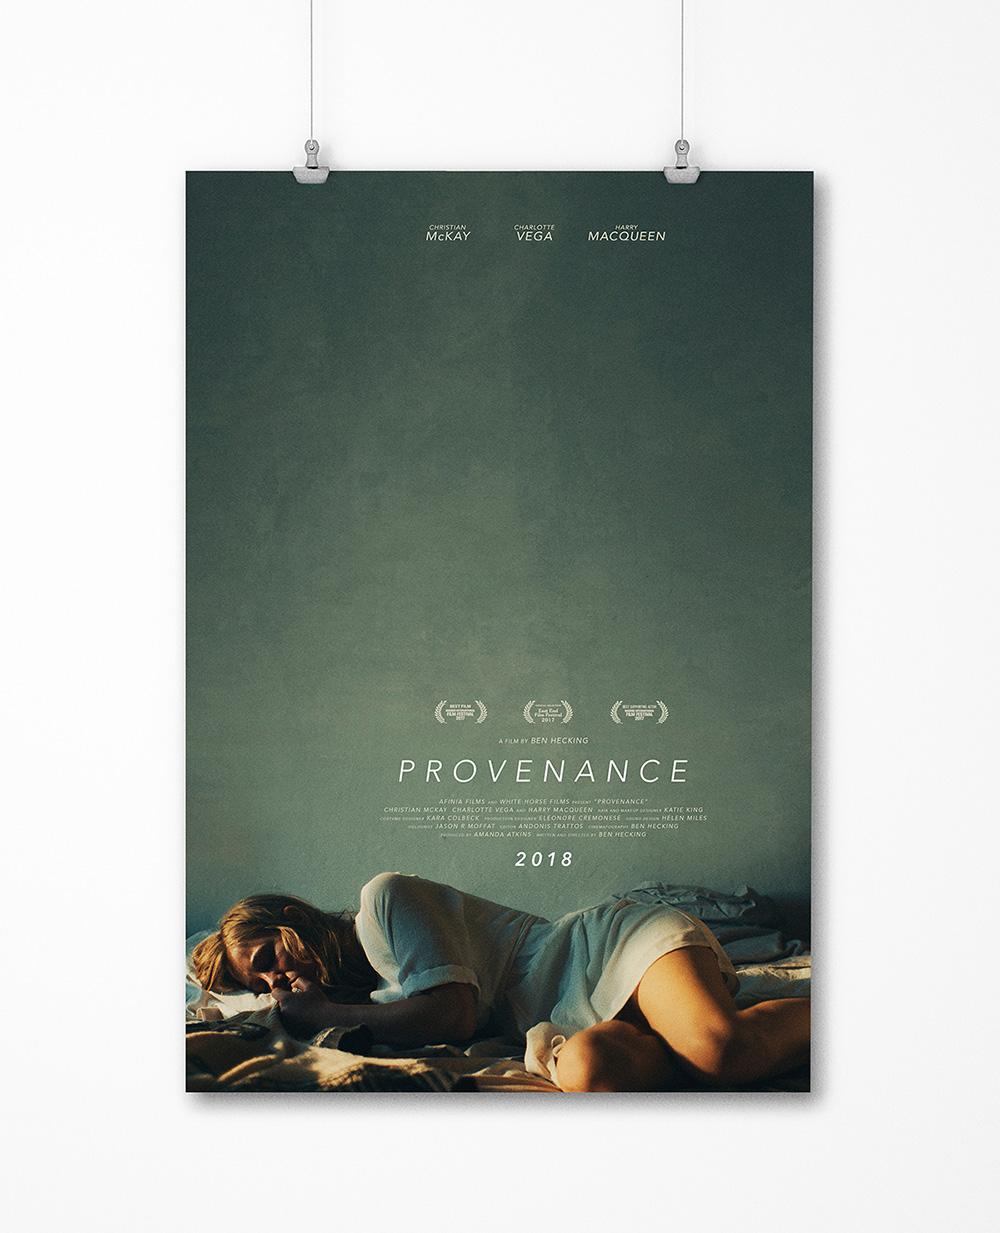 Provenance_In Situ2.jpg